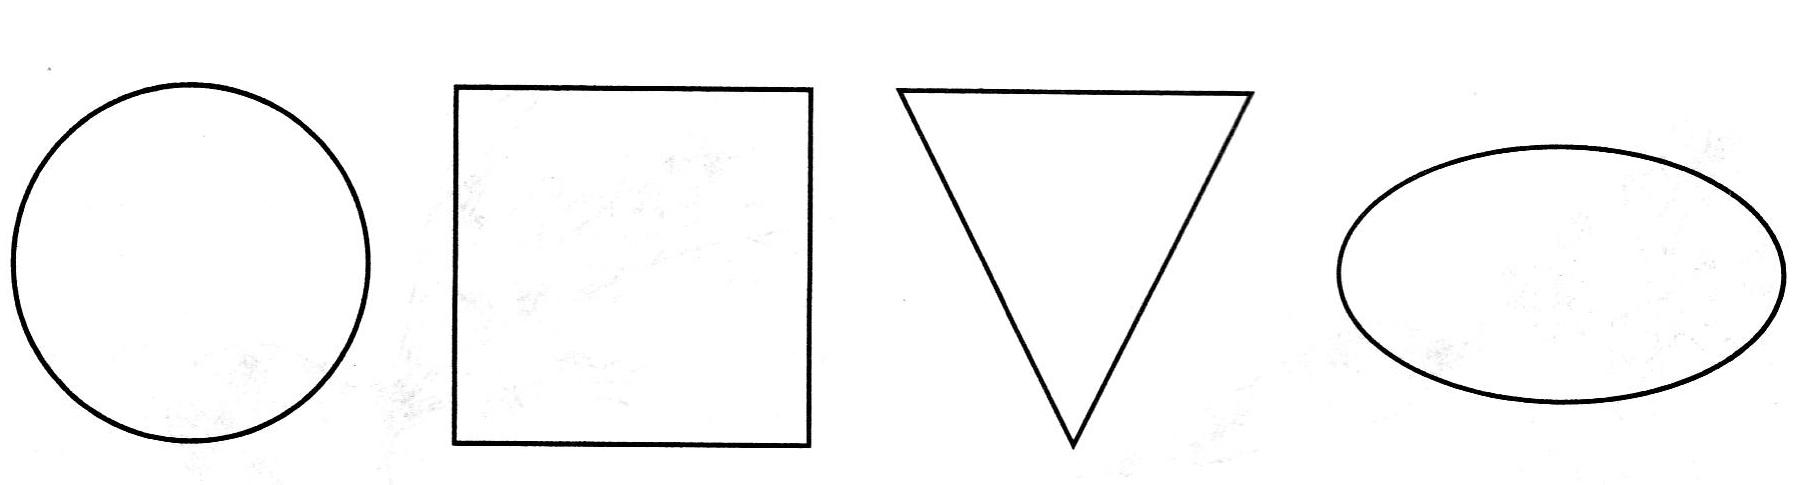 Картинки геометрические фигуры раскраска для детей